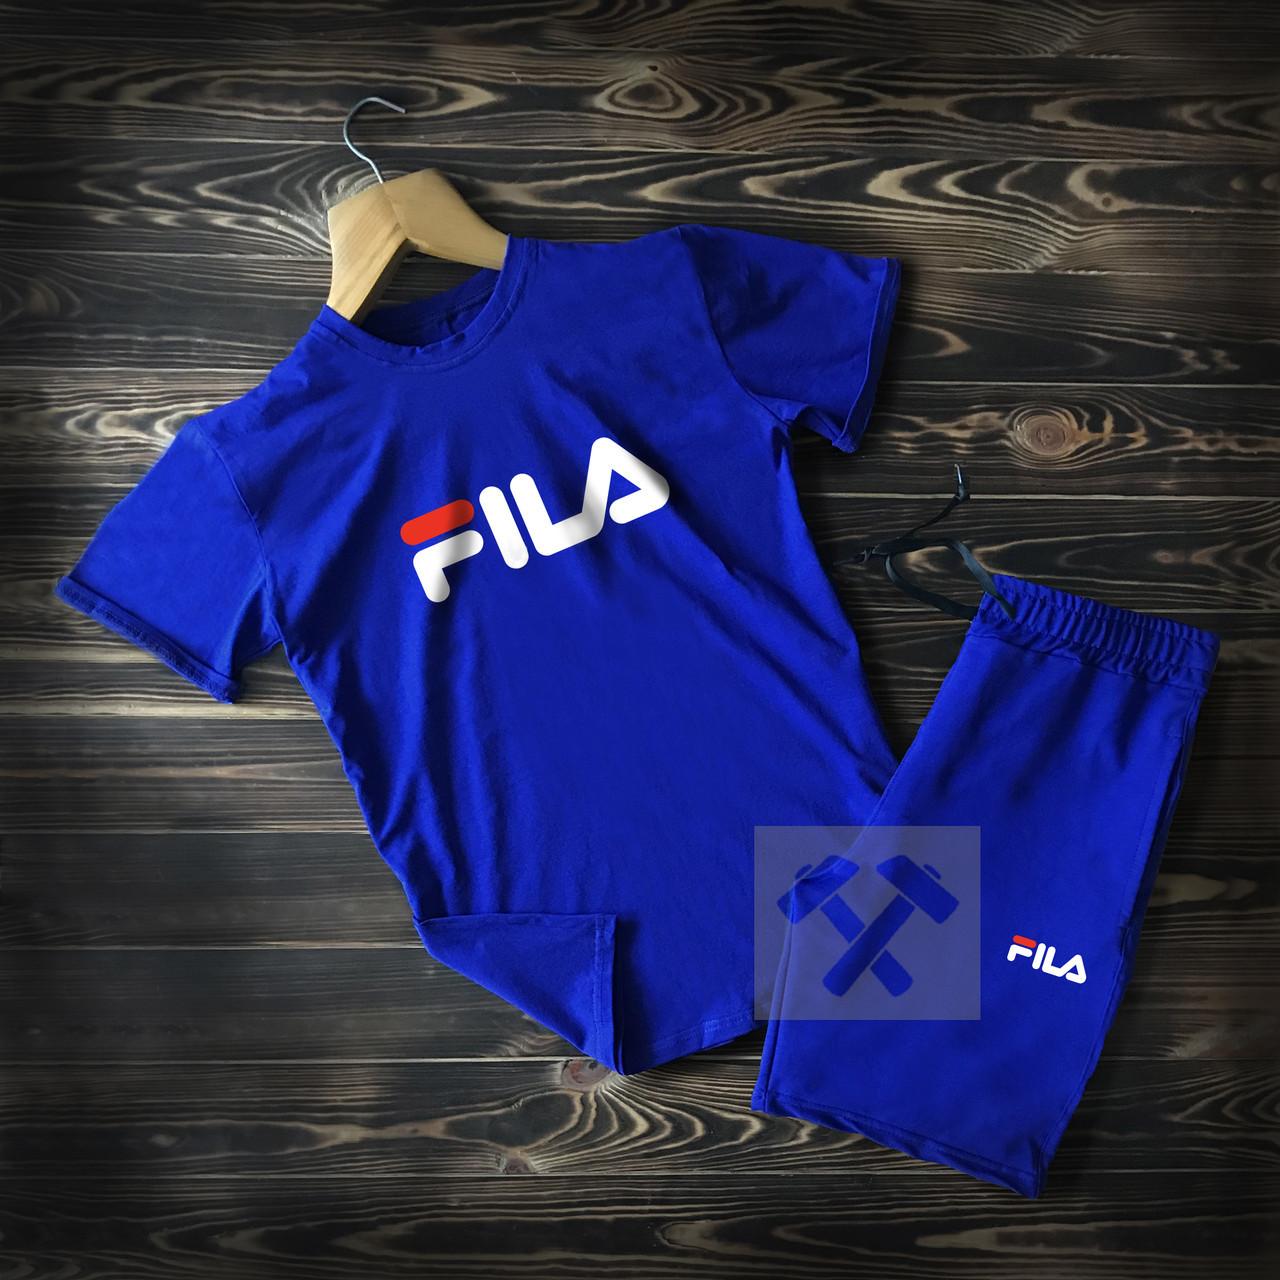 Мужская футболка и шорты Фила, трикотажная